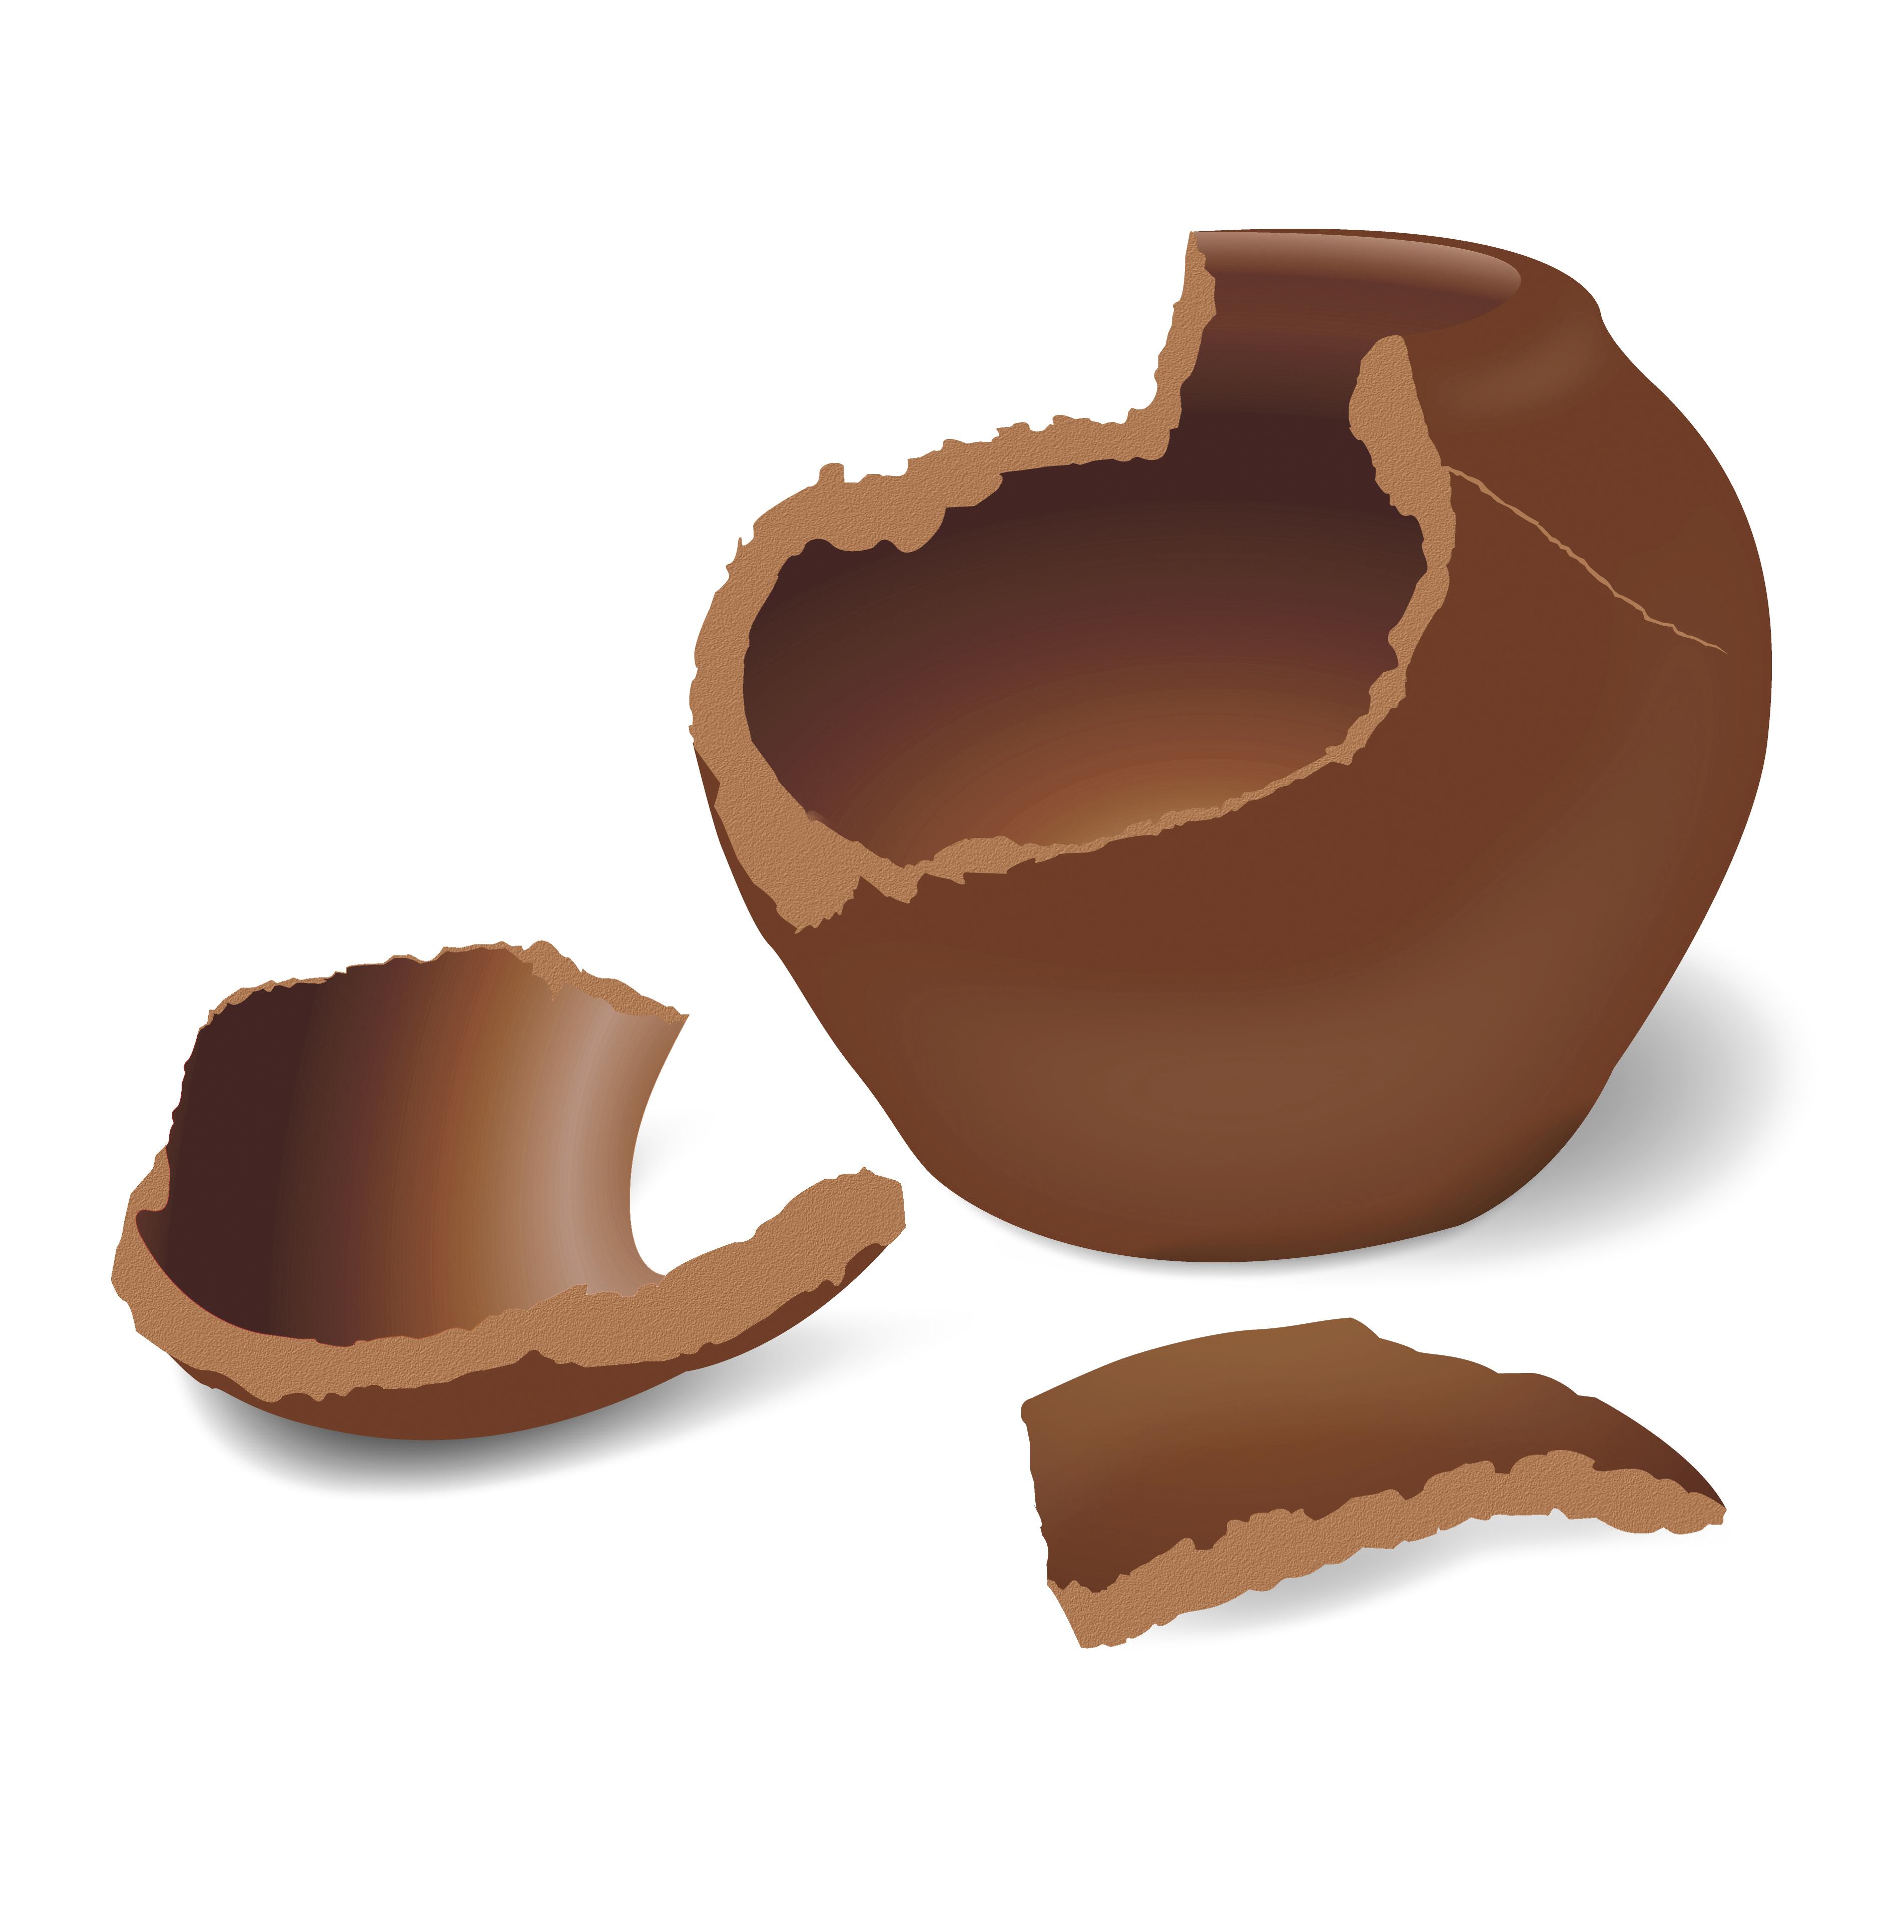 Illustration of a broken clay pot.